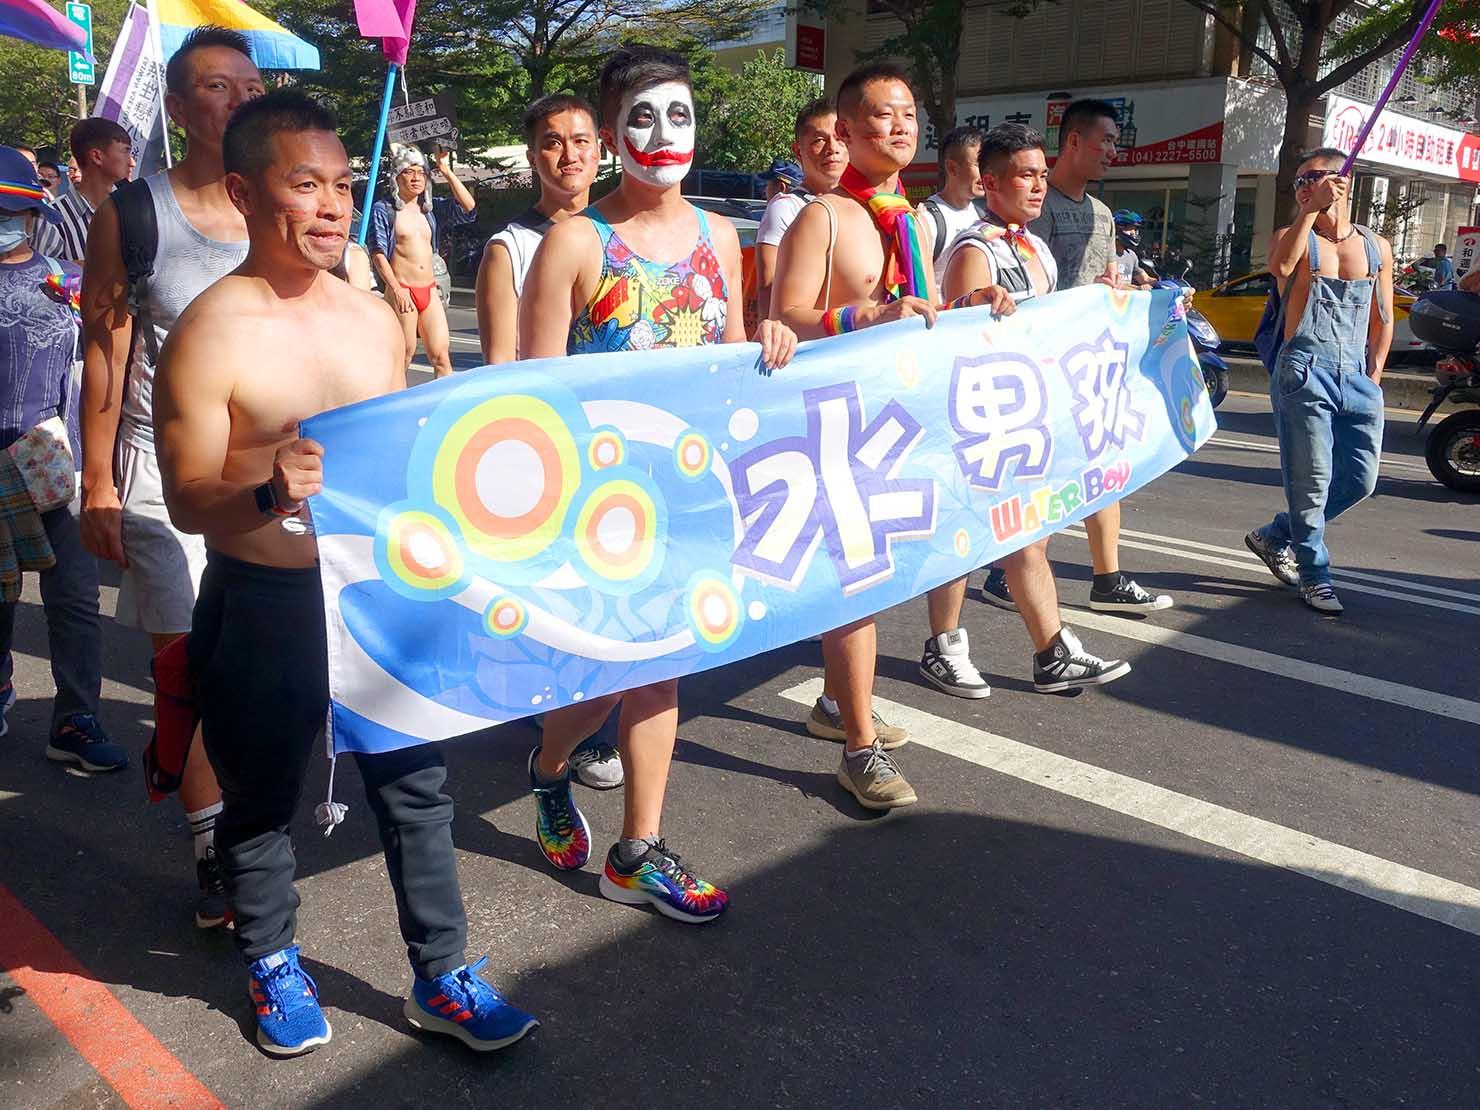 台中同志遊行(台中LGBTプライド)2019のパレードを歩く台湾男子たち